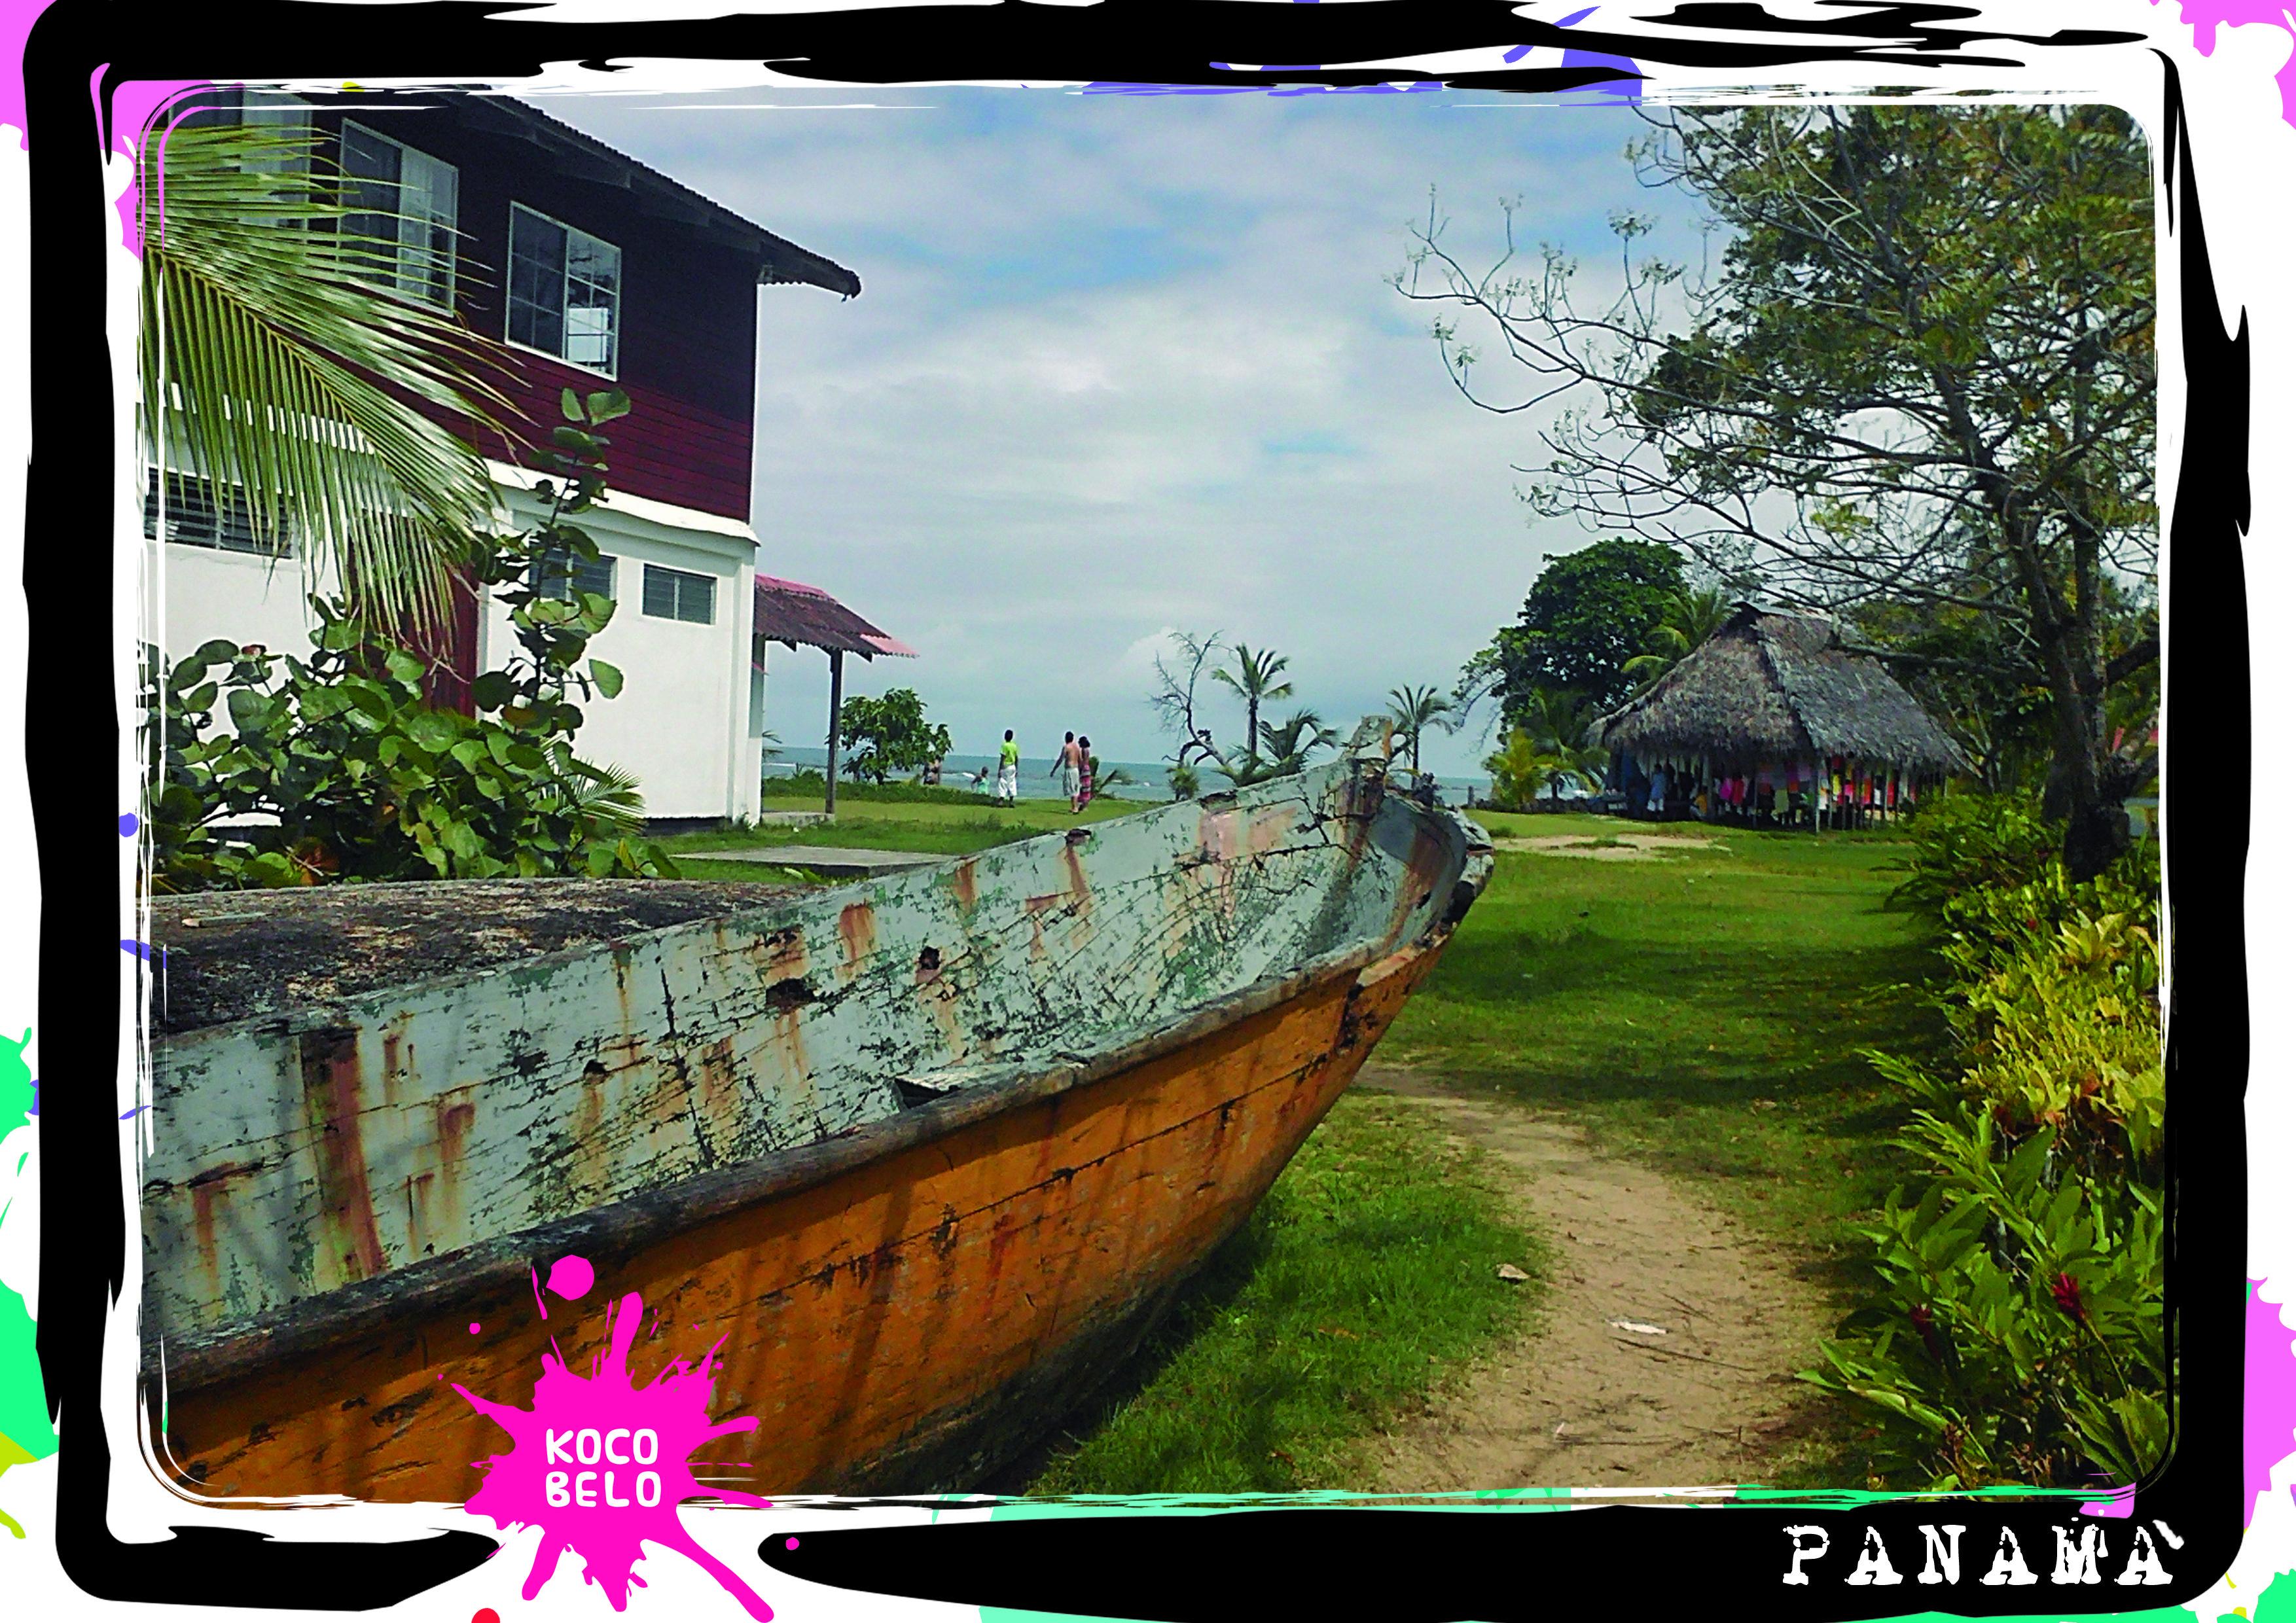 Kocobelo ofrece las postales de Panama. Imagen de sueño de un paraíso. #kocobelo# https://www.facebook.com/kocobelo